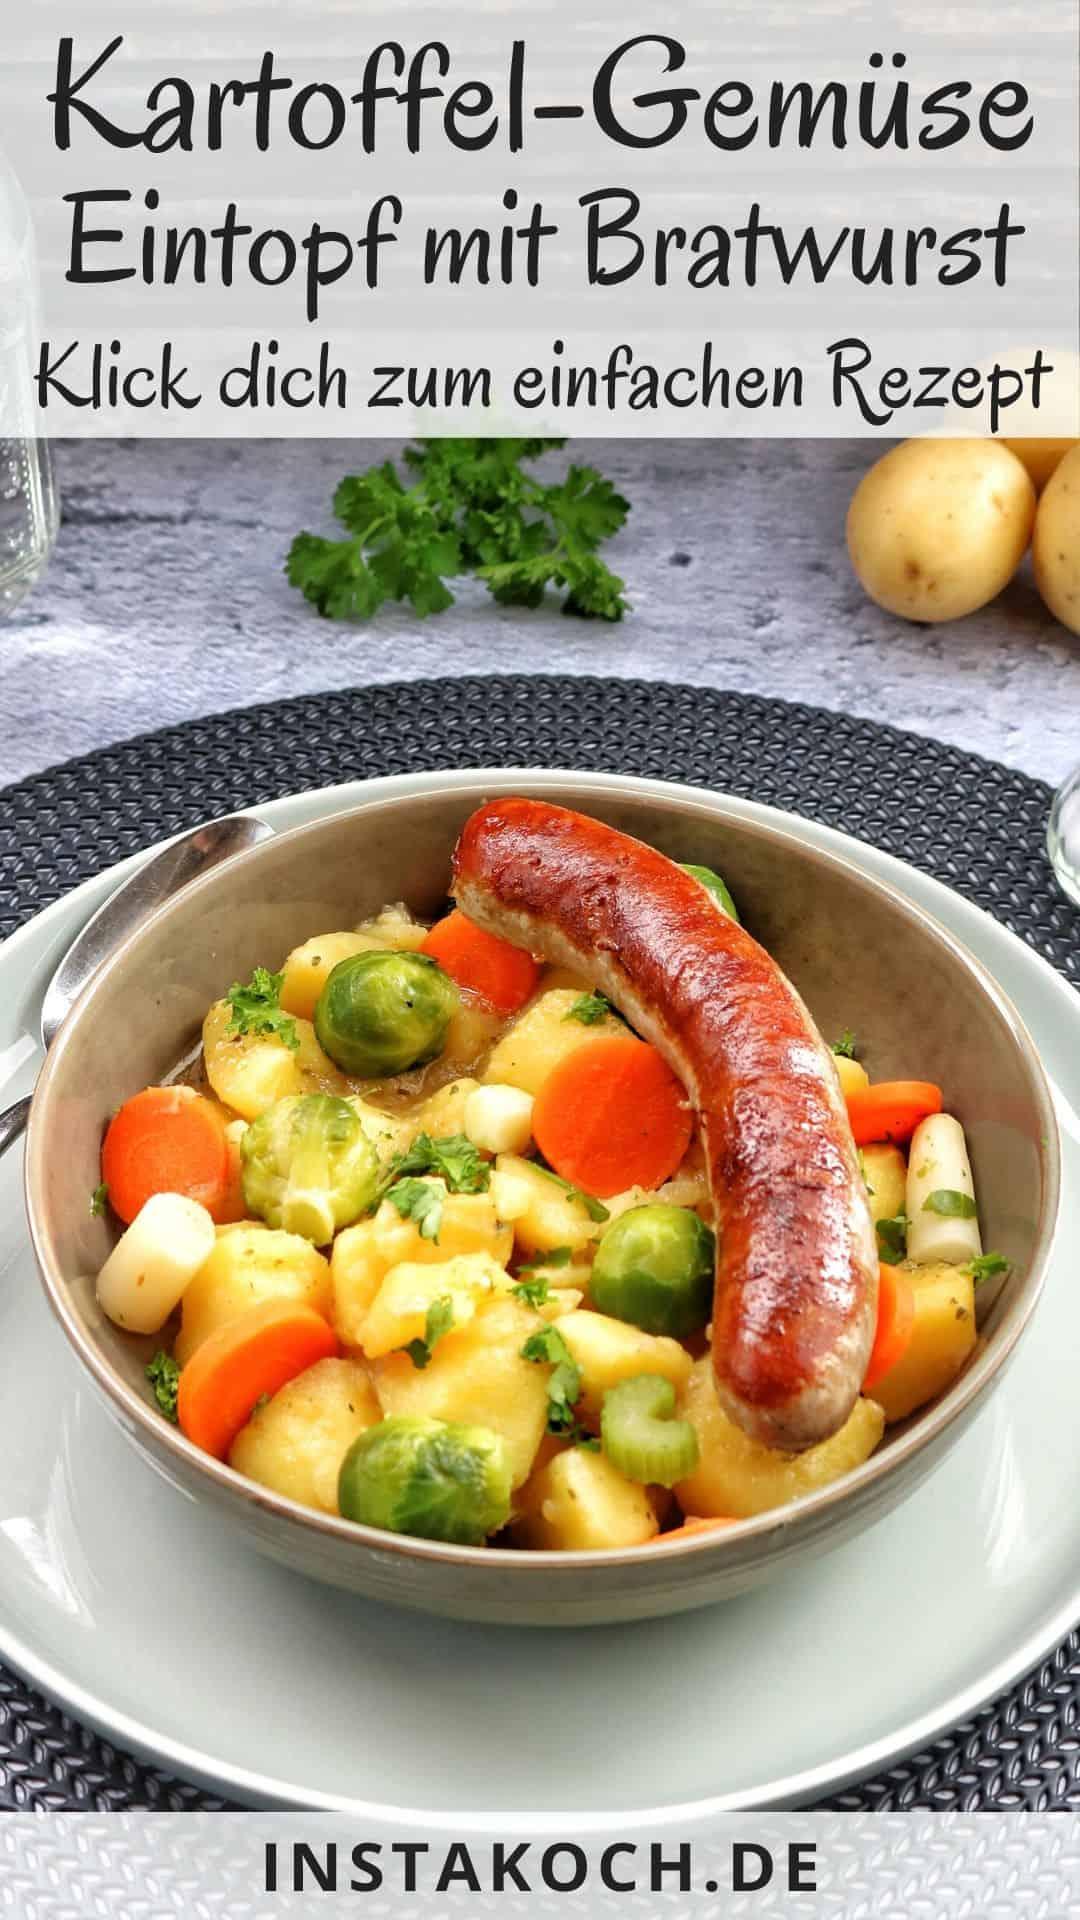 Ein Teller mit Kartoffelgemüse und Bratwurst. Dahinter Deko.